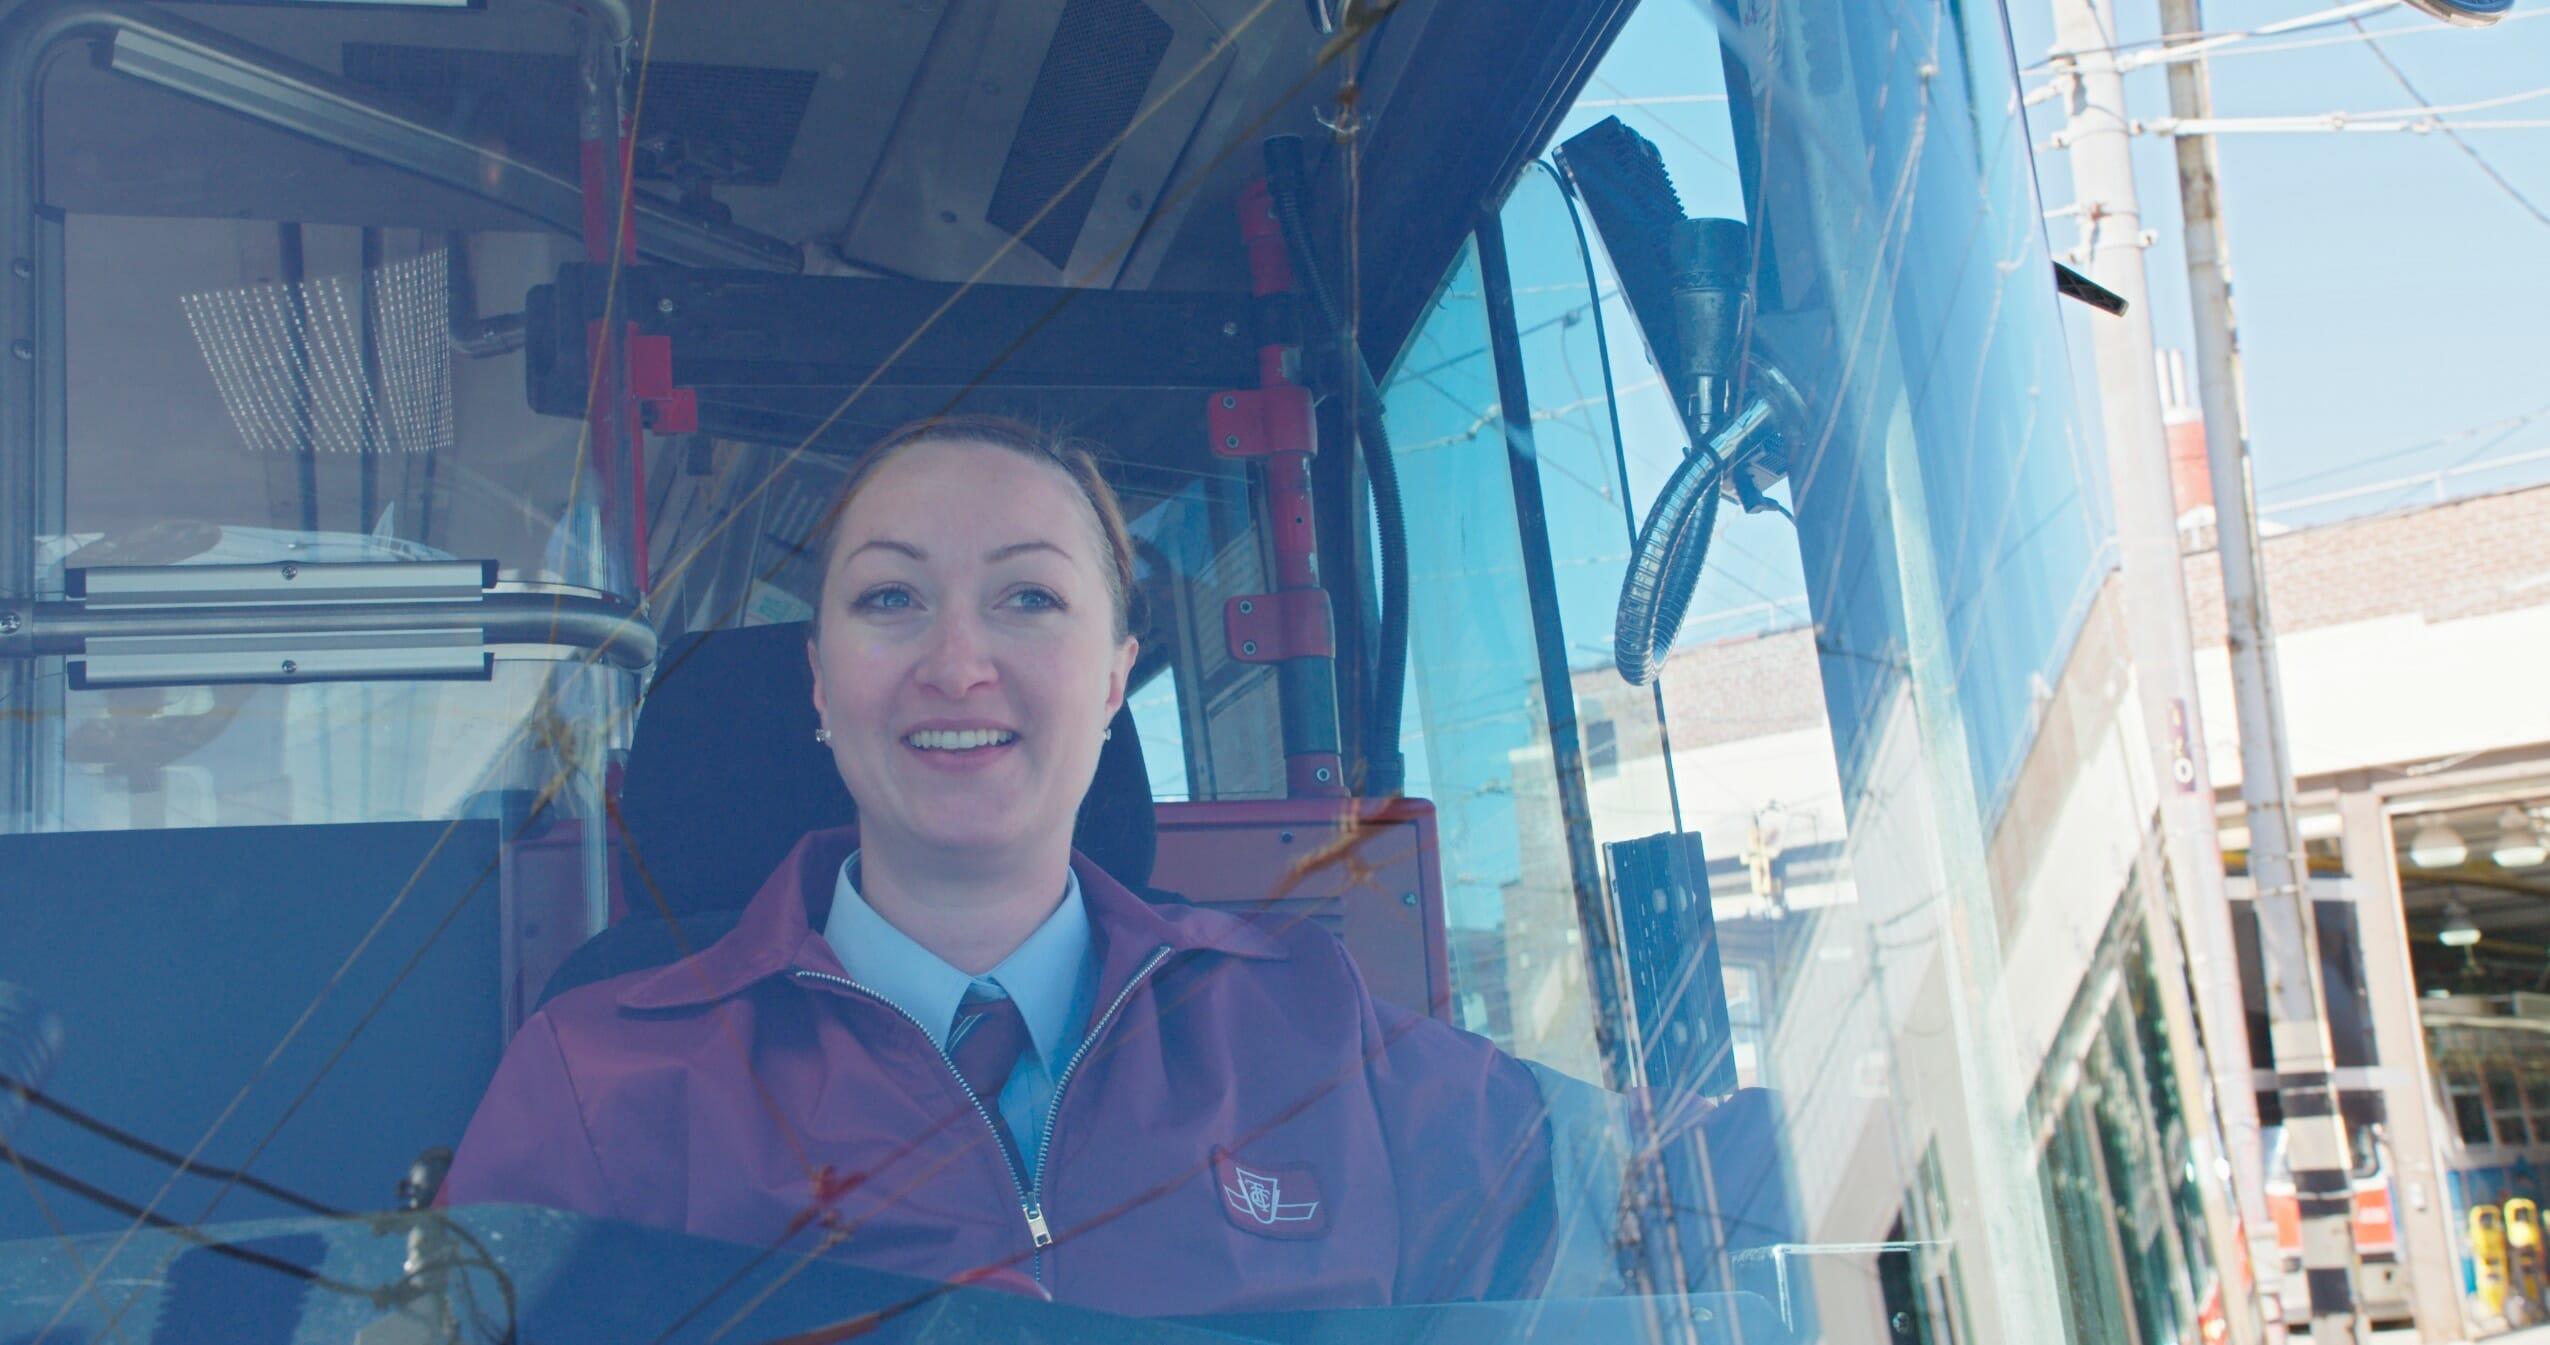 tro-d-LRV female driver_35